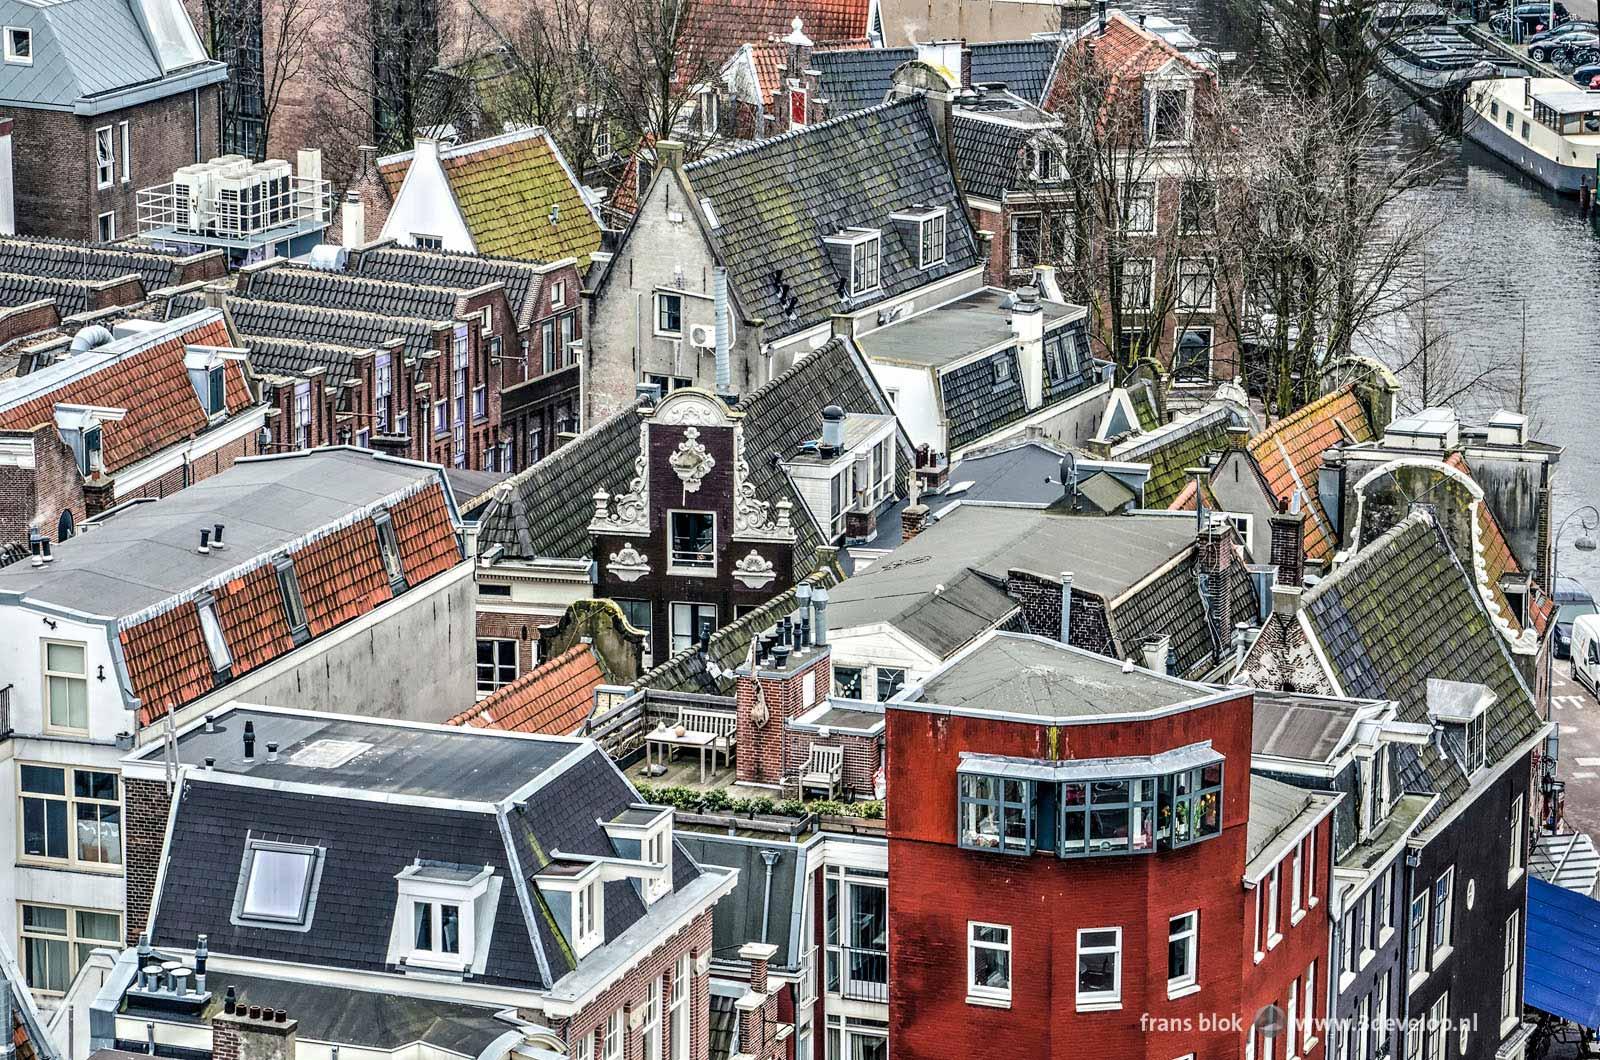 Daken en dakterrassen in de binnenstad van Amsterdam op de hoek van de Singel en de Prins Hendrikkade